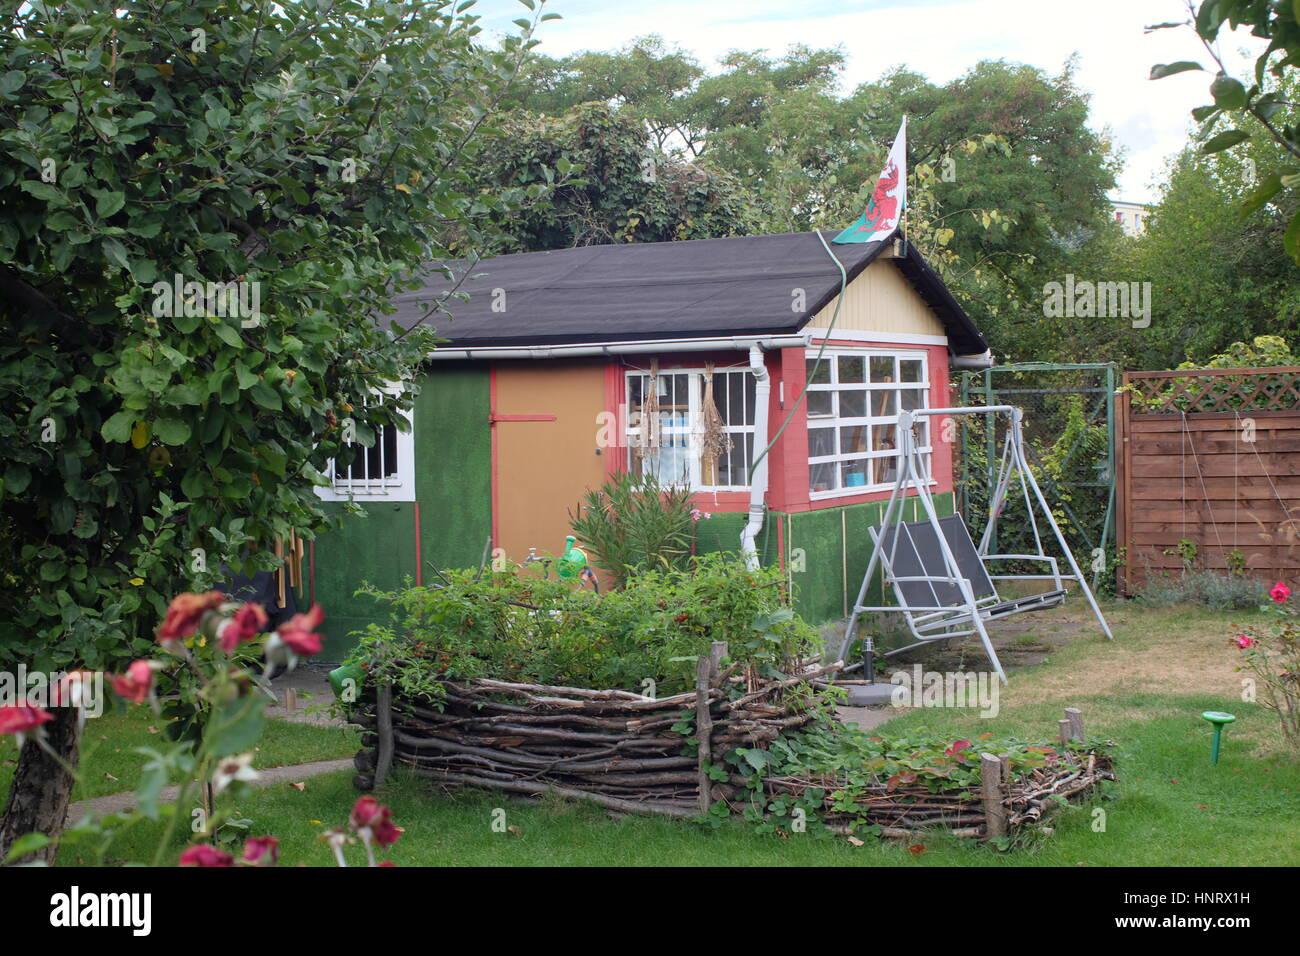 wochenendhaus stockfotos wochenendhaus bilder alamy. Black Bedroom Furniture Sets. Home Design Ideas